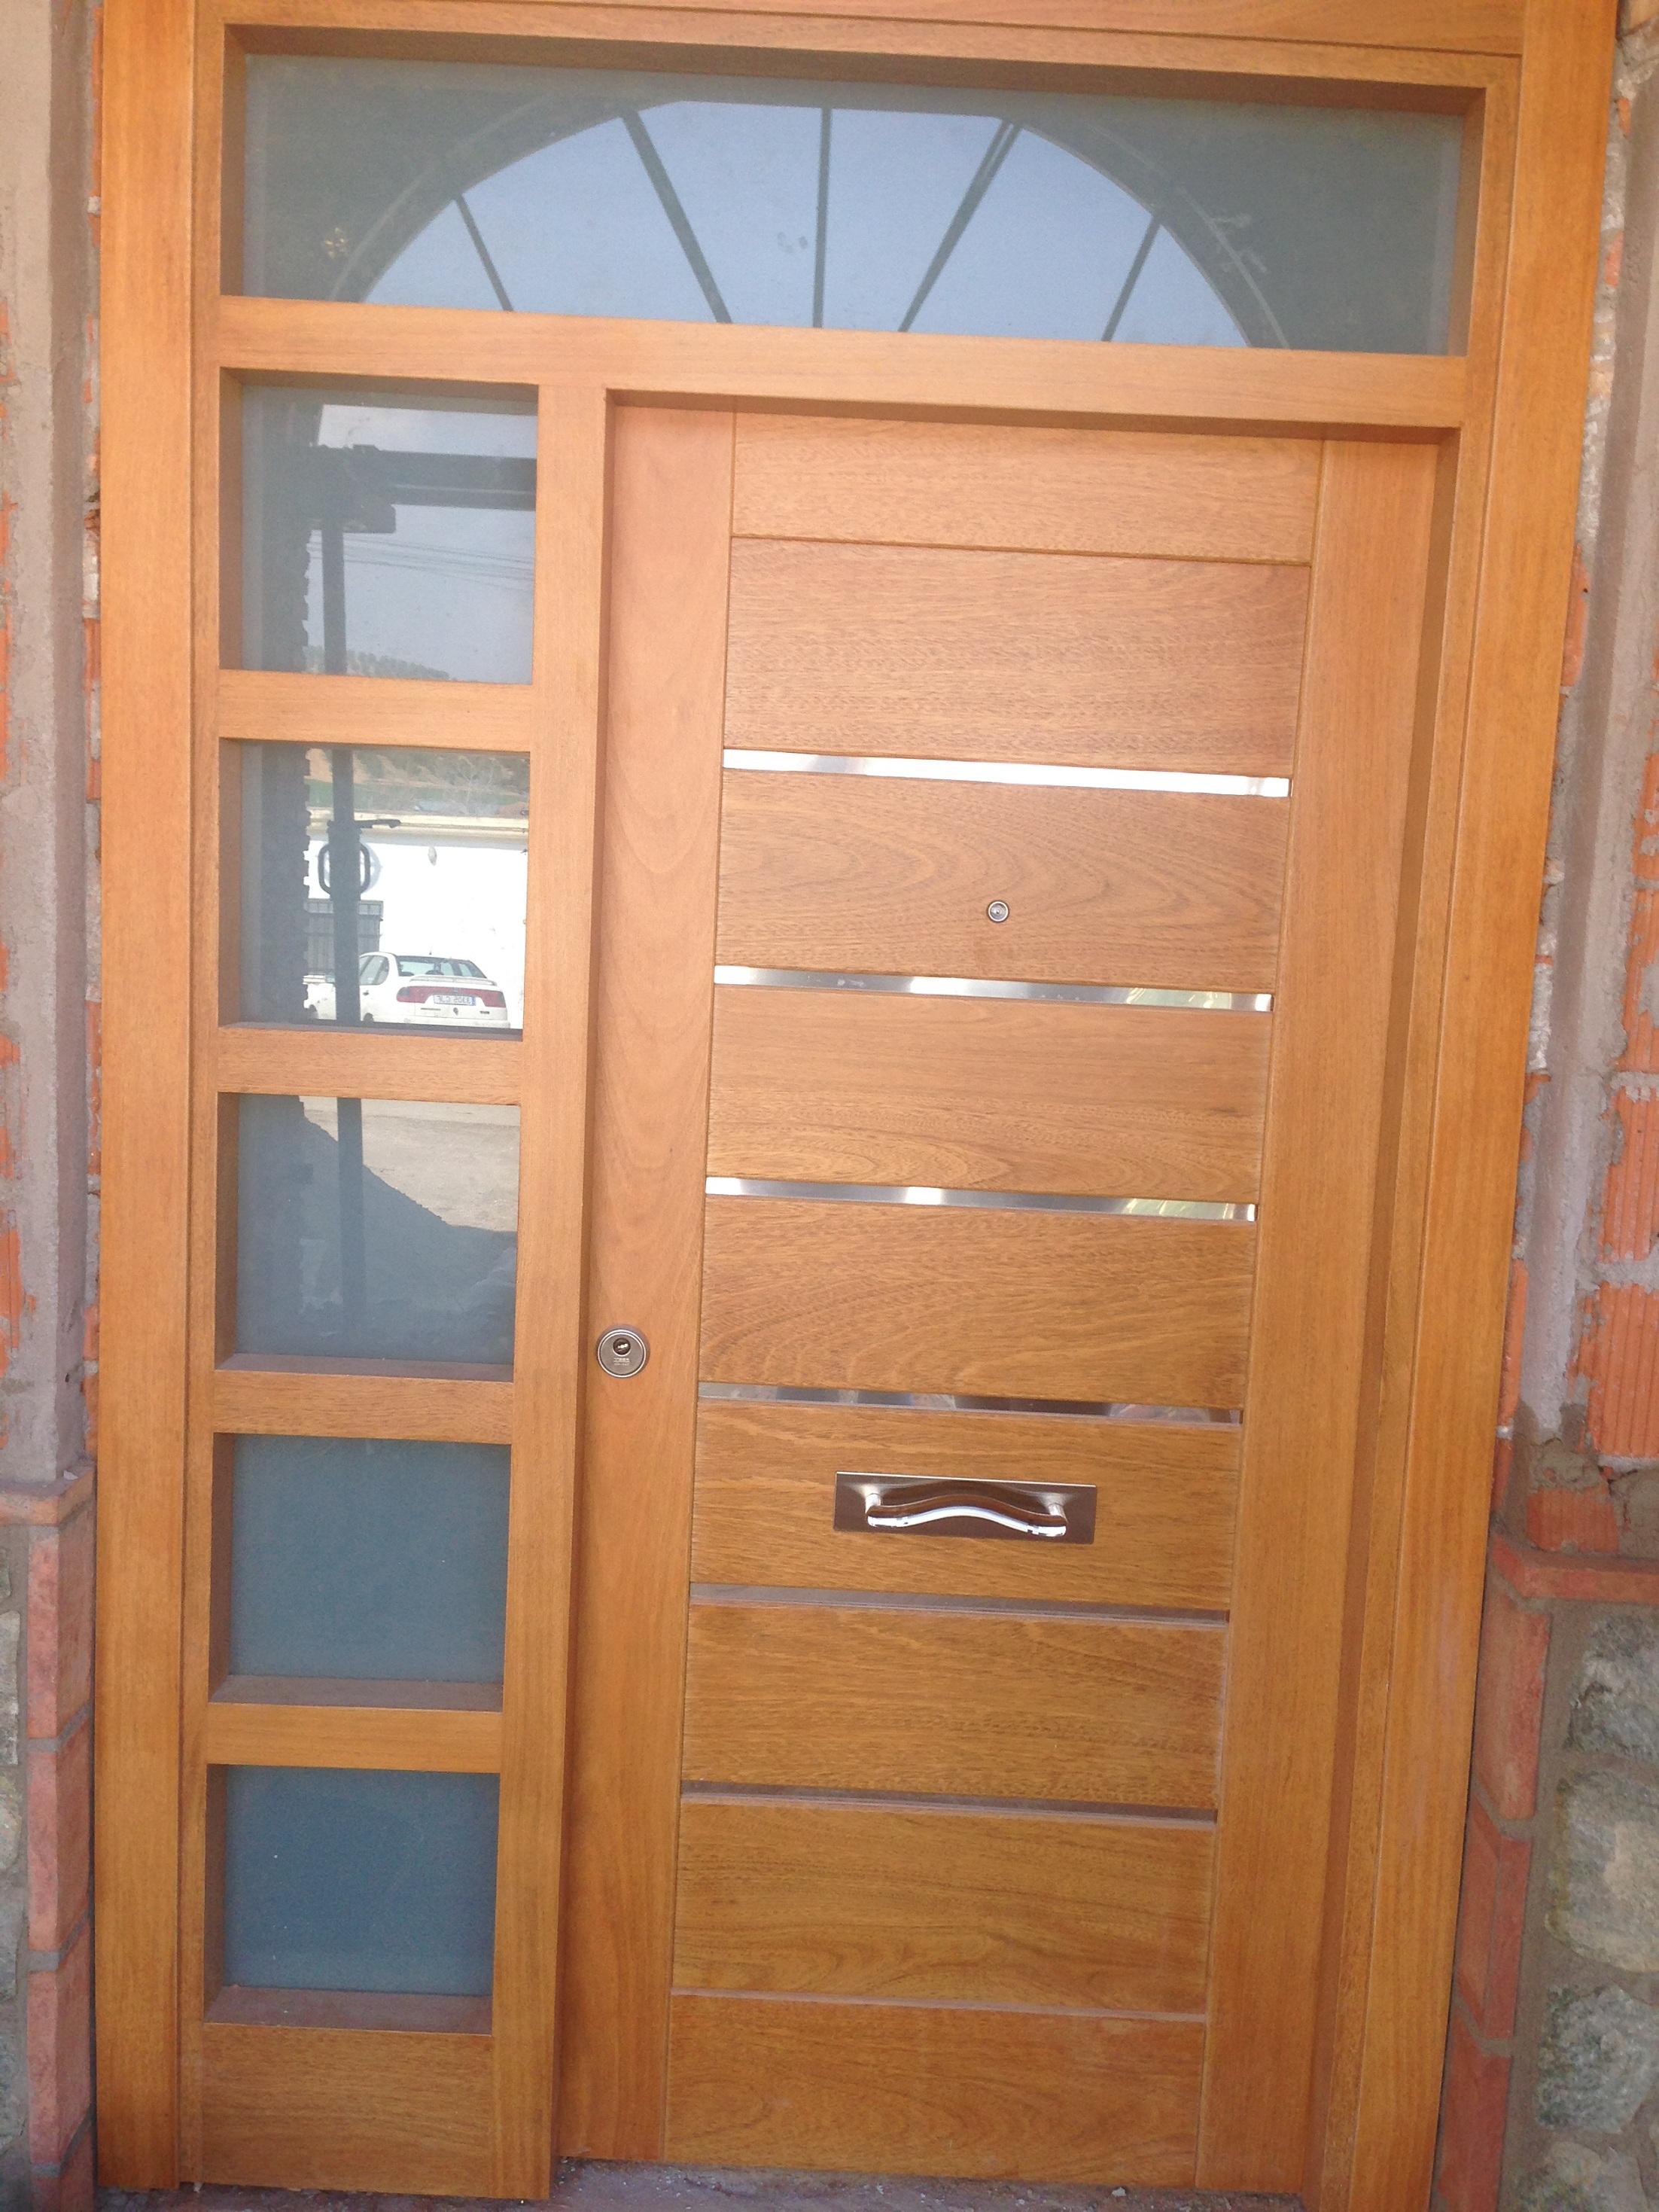 Puertas de entrada de pvc precios perfect puertas de entrada de pvc precios with puertas de - Medidas de puertas de interior ...